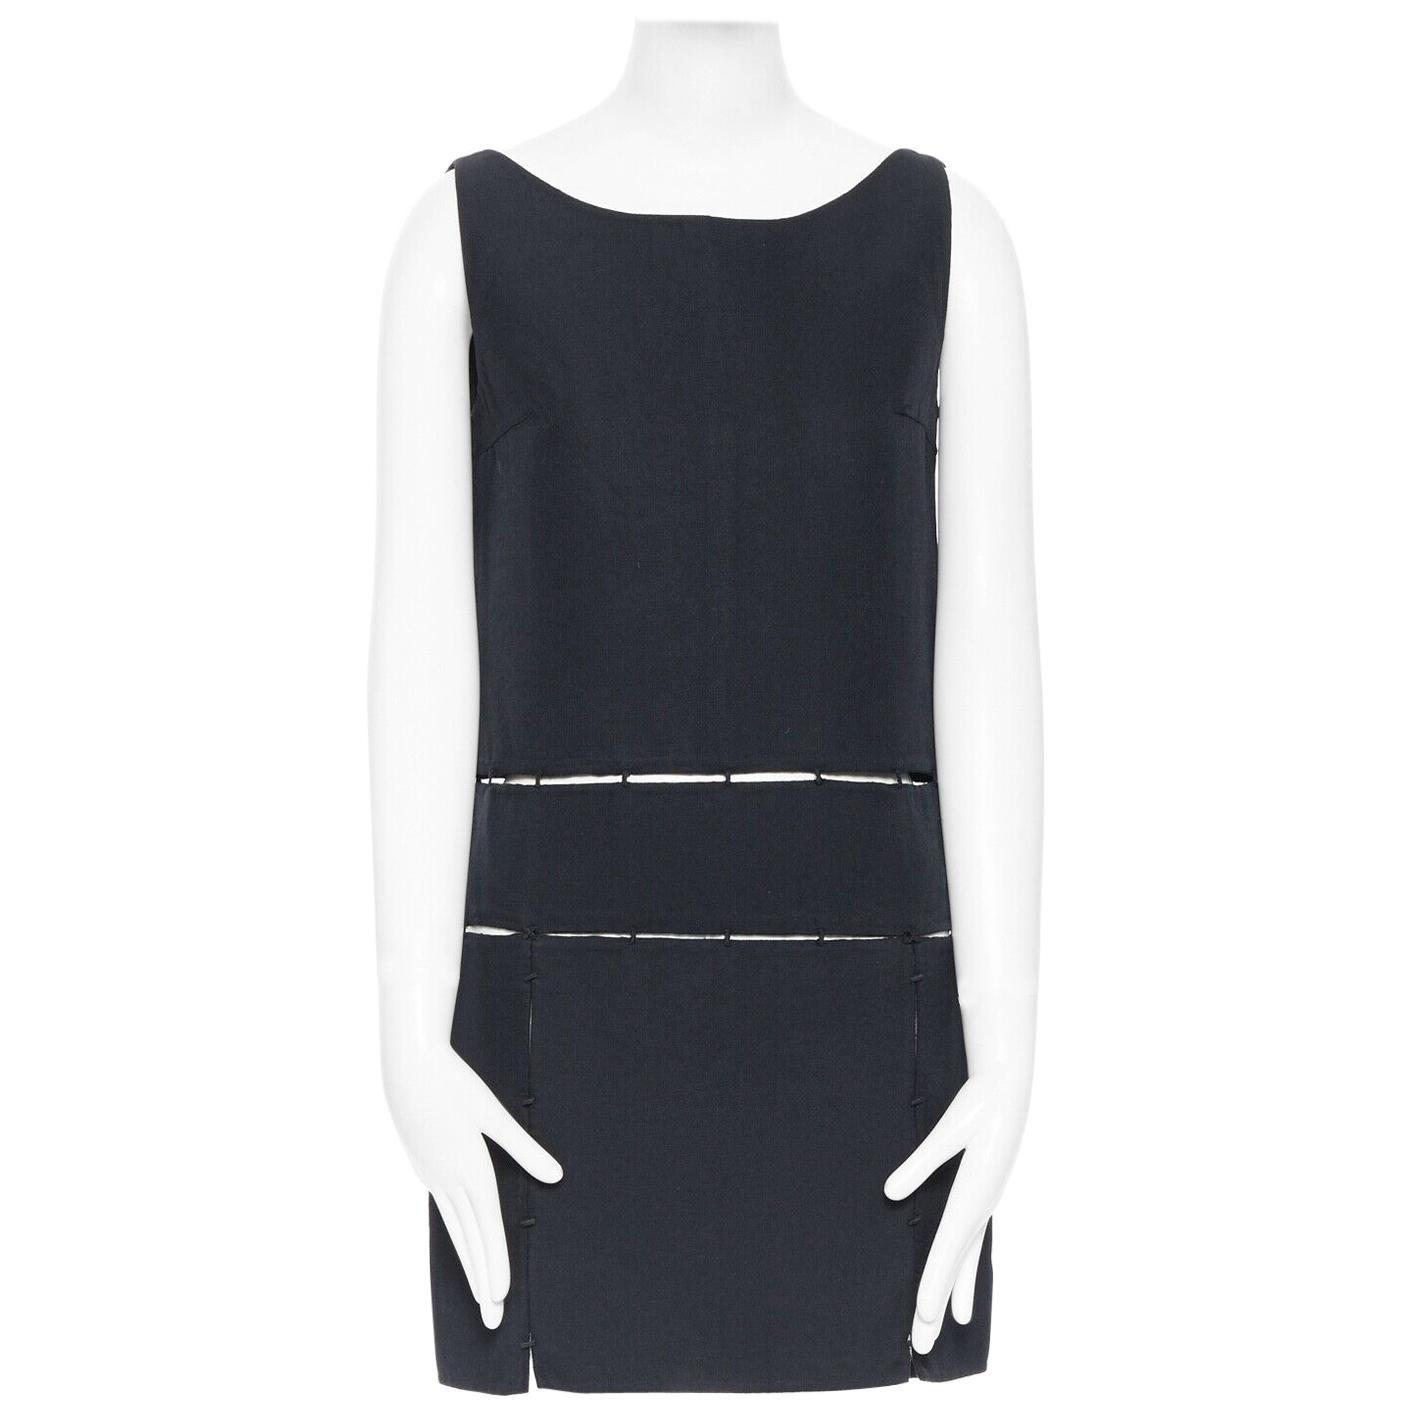 runway PRADA Vintage AW98 black wool silk suspended panel dress S IT40 US4 UK8